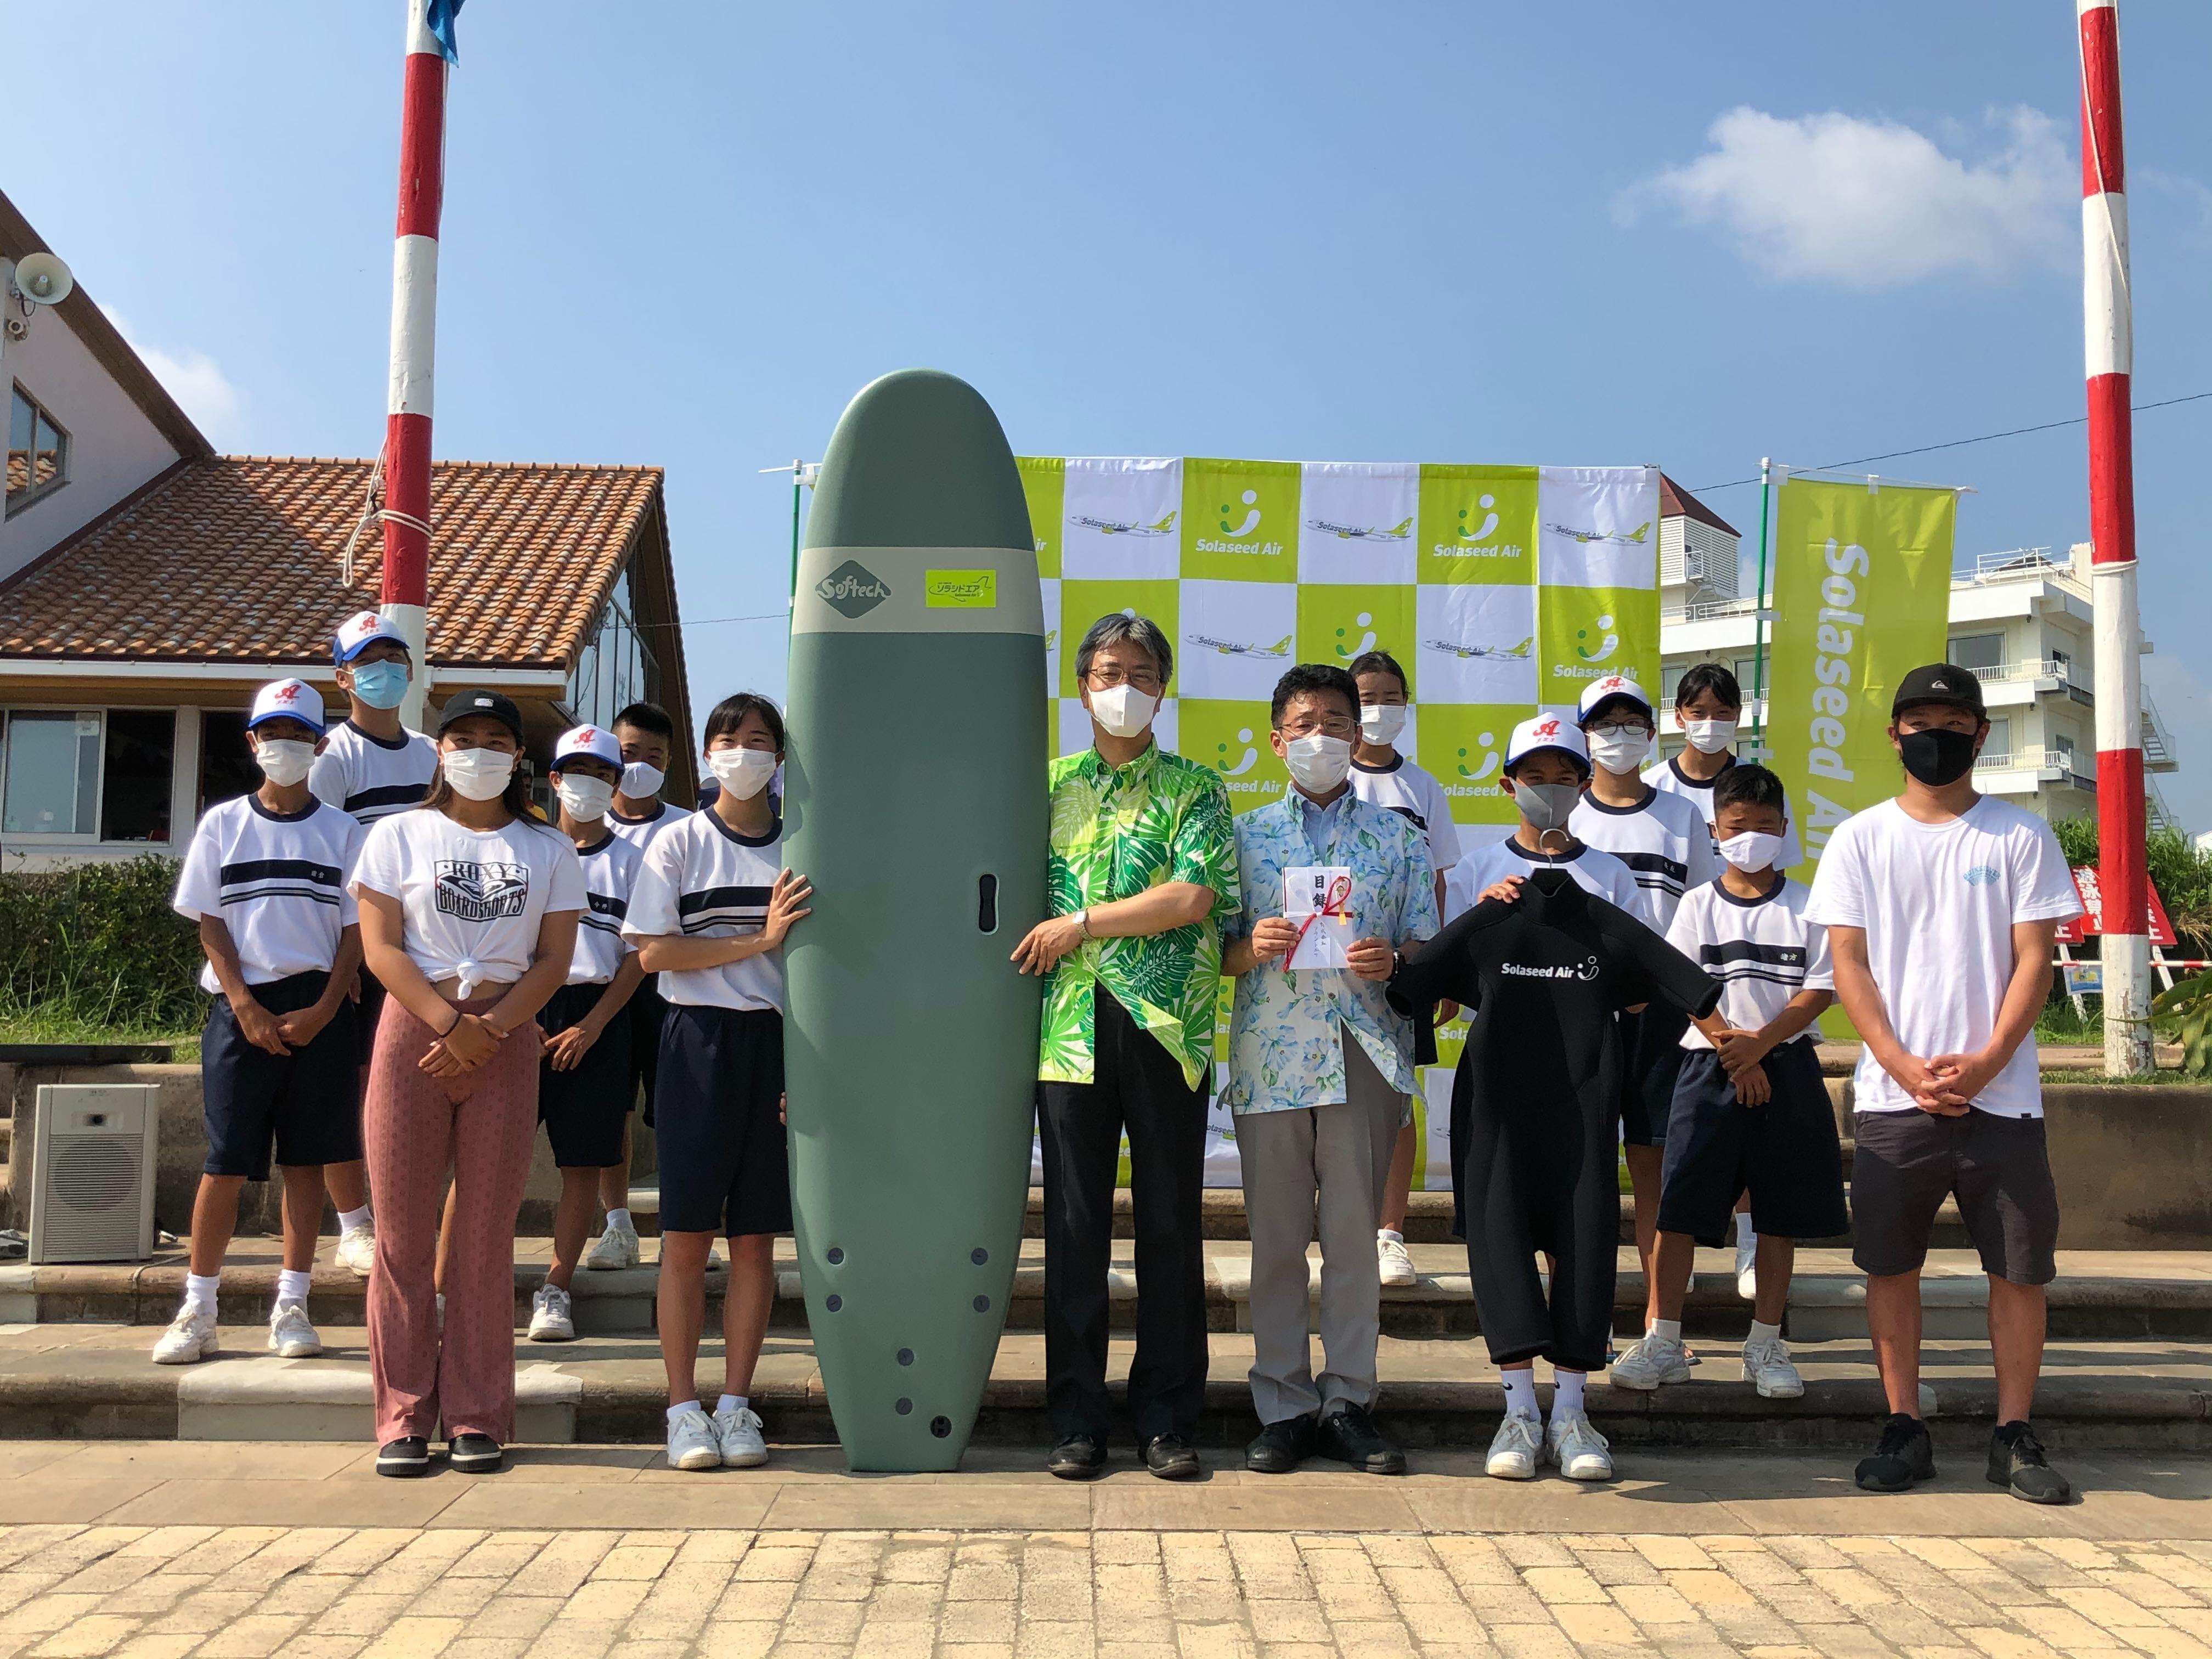 ソラシドエア、宮崎市立青島中学校 サーフィン部 へサーフボード等を ...